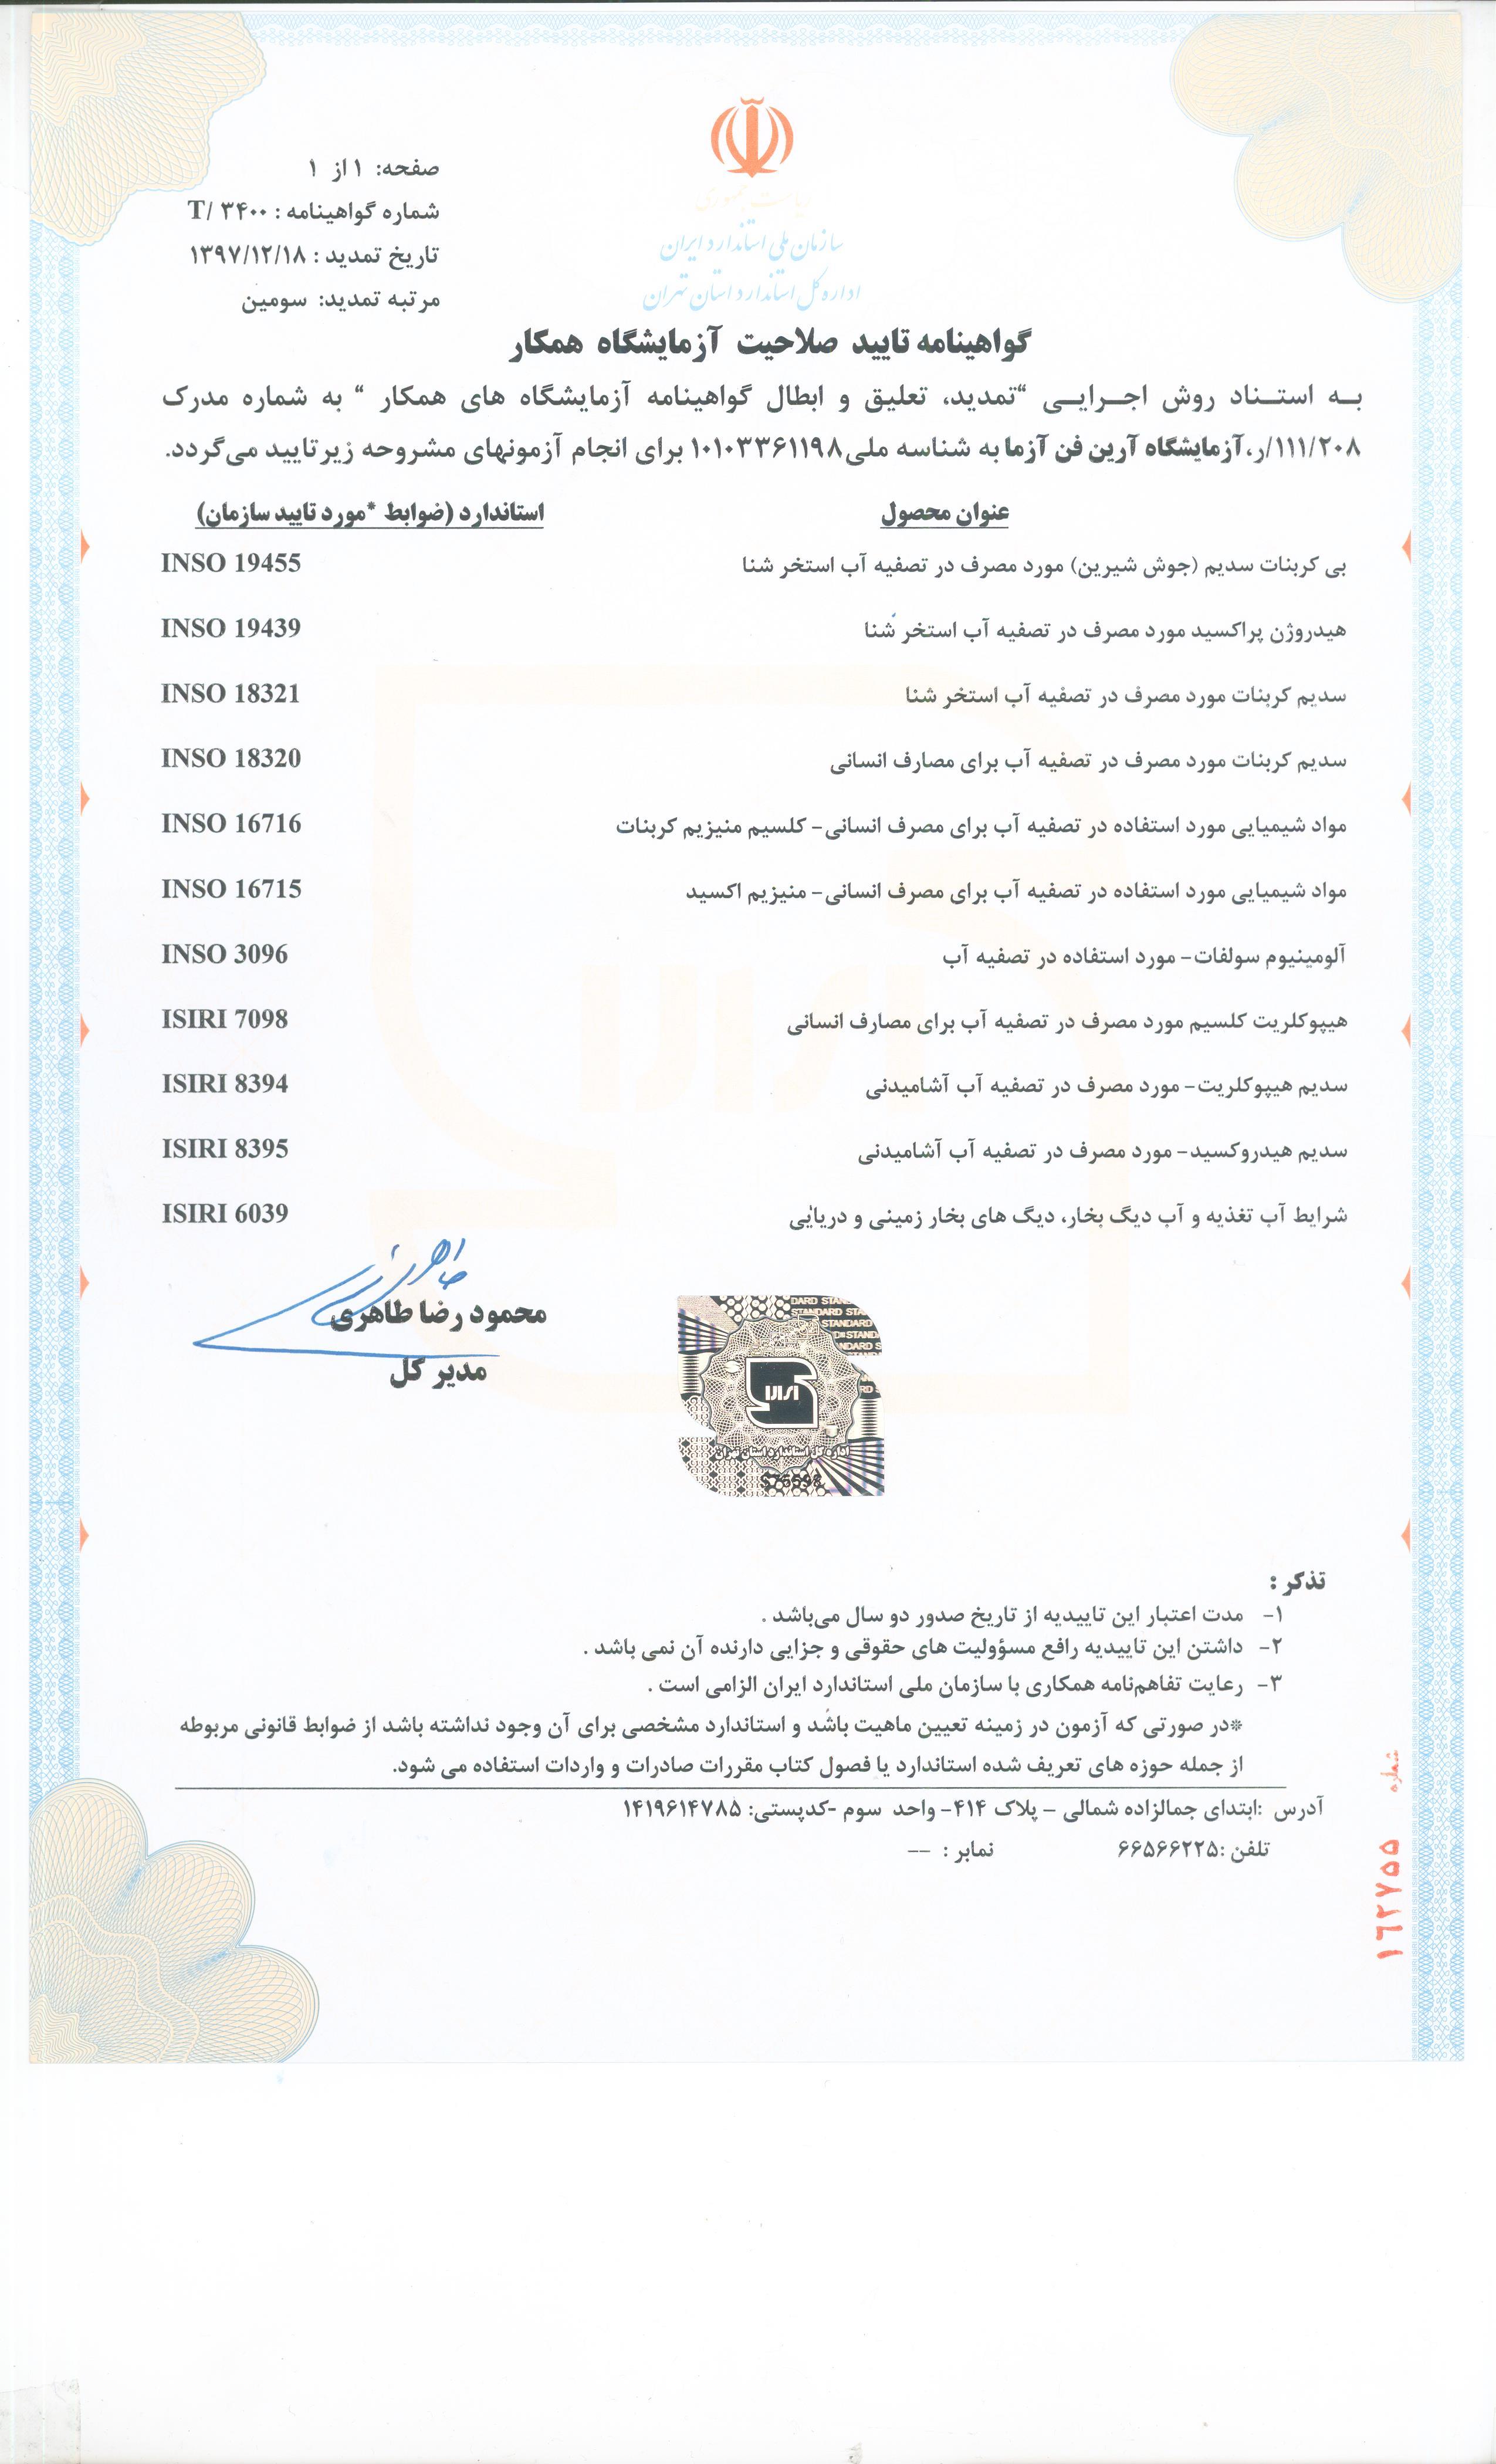 گوتهینامه آزمایشگاه همکار استاندارد شیمیایی